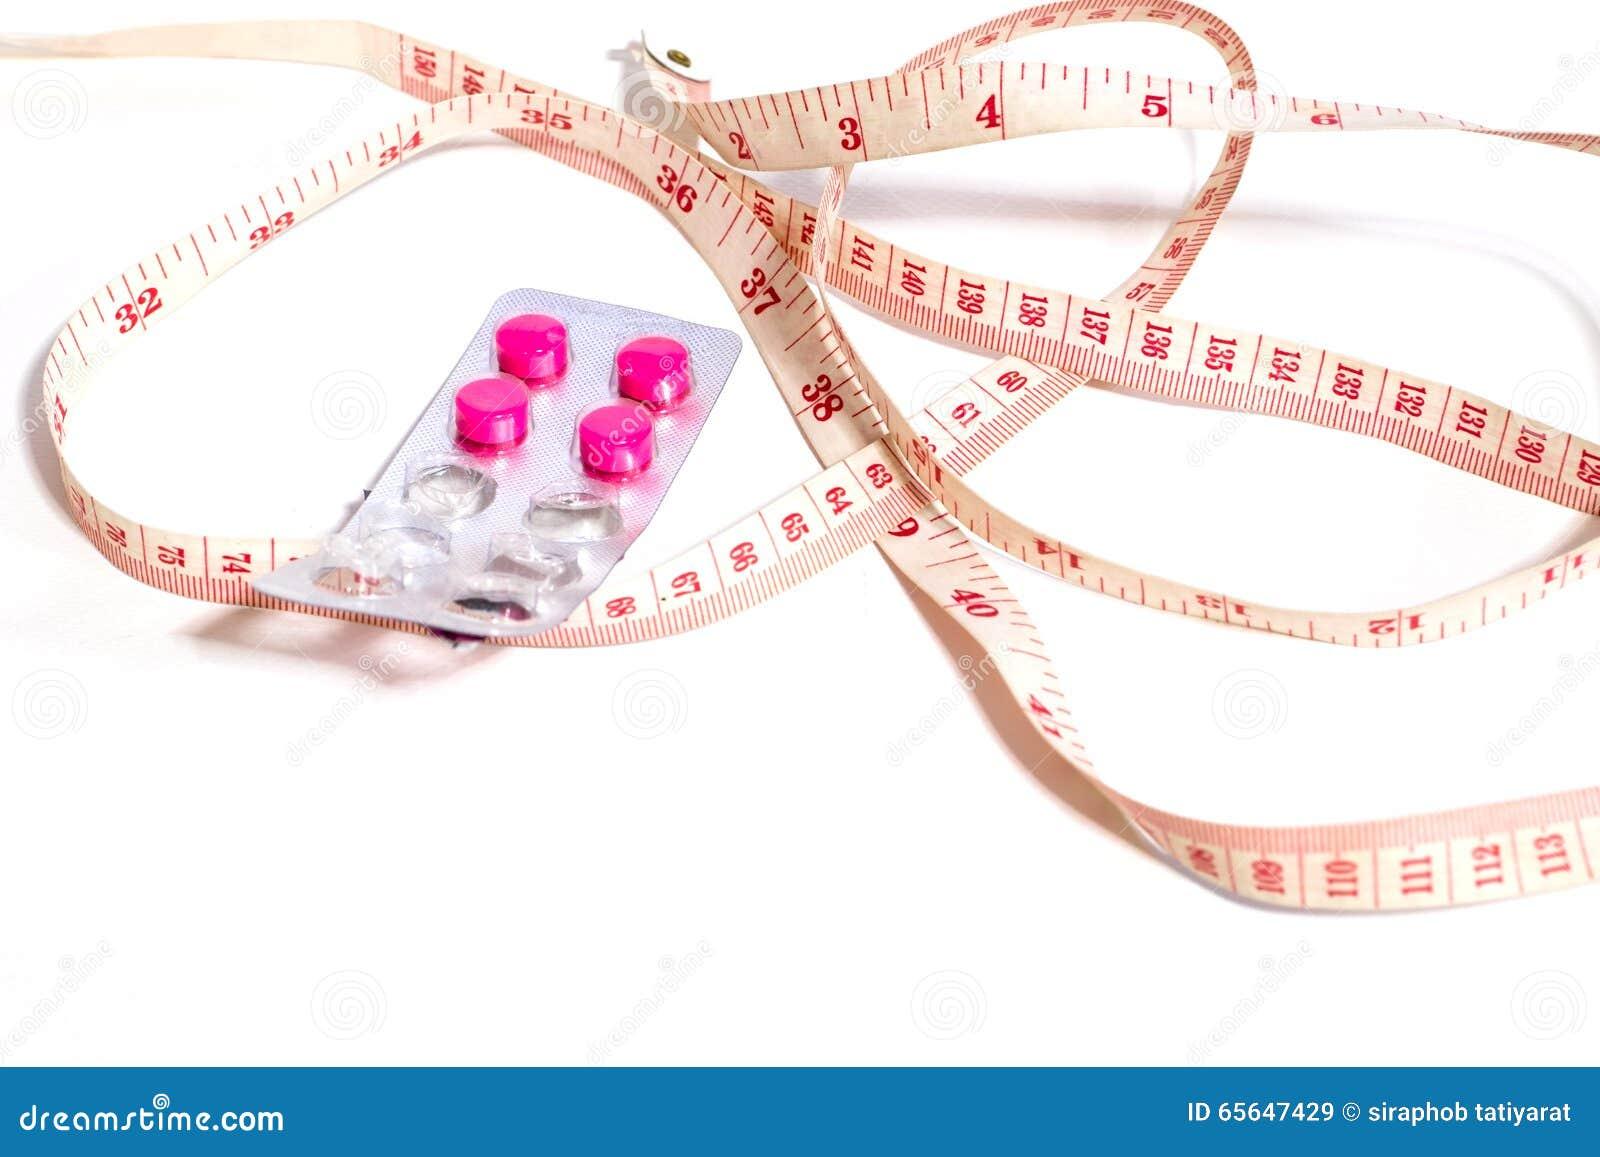 Mesurez la taille et les drogues de perte de poids